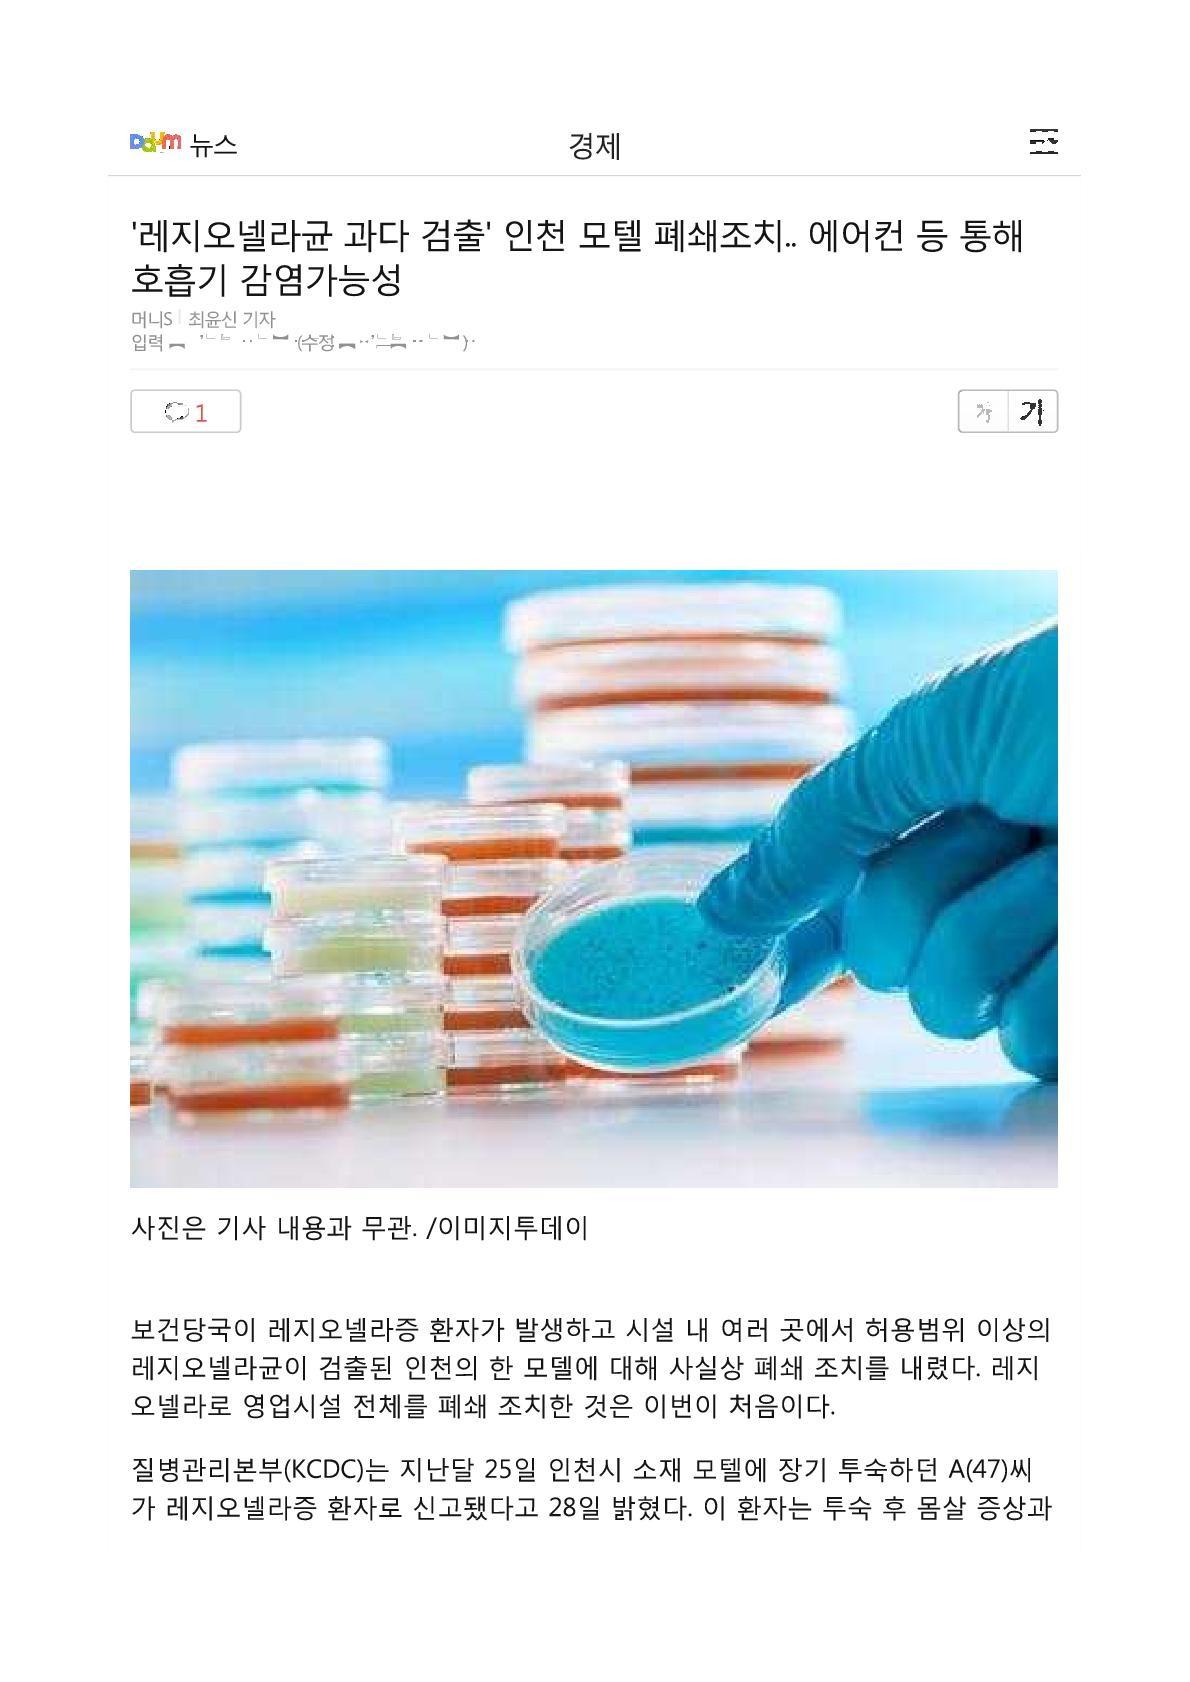 레지오날라균 과다 검출_1.jpg